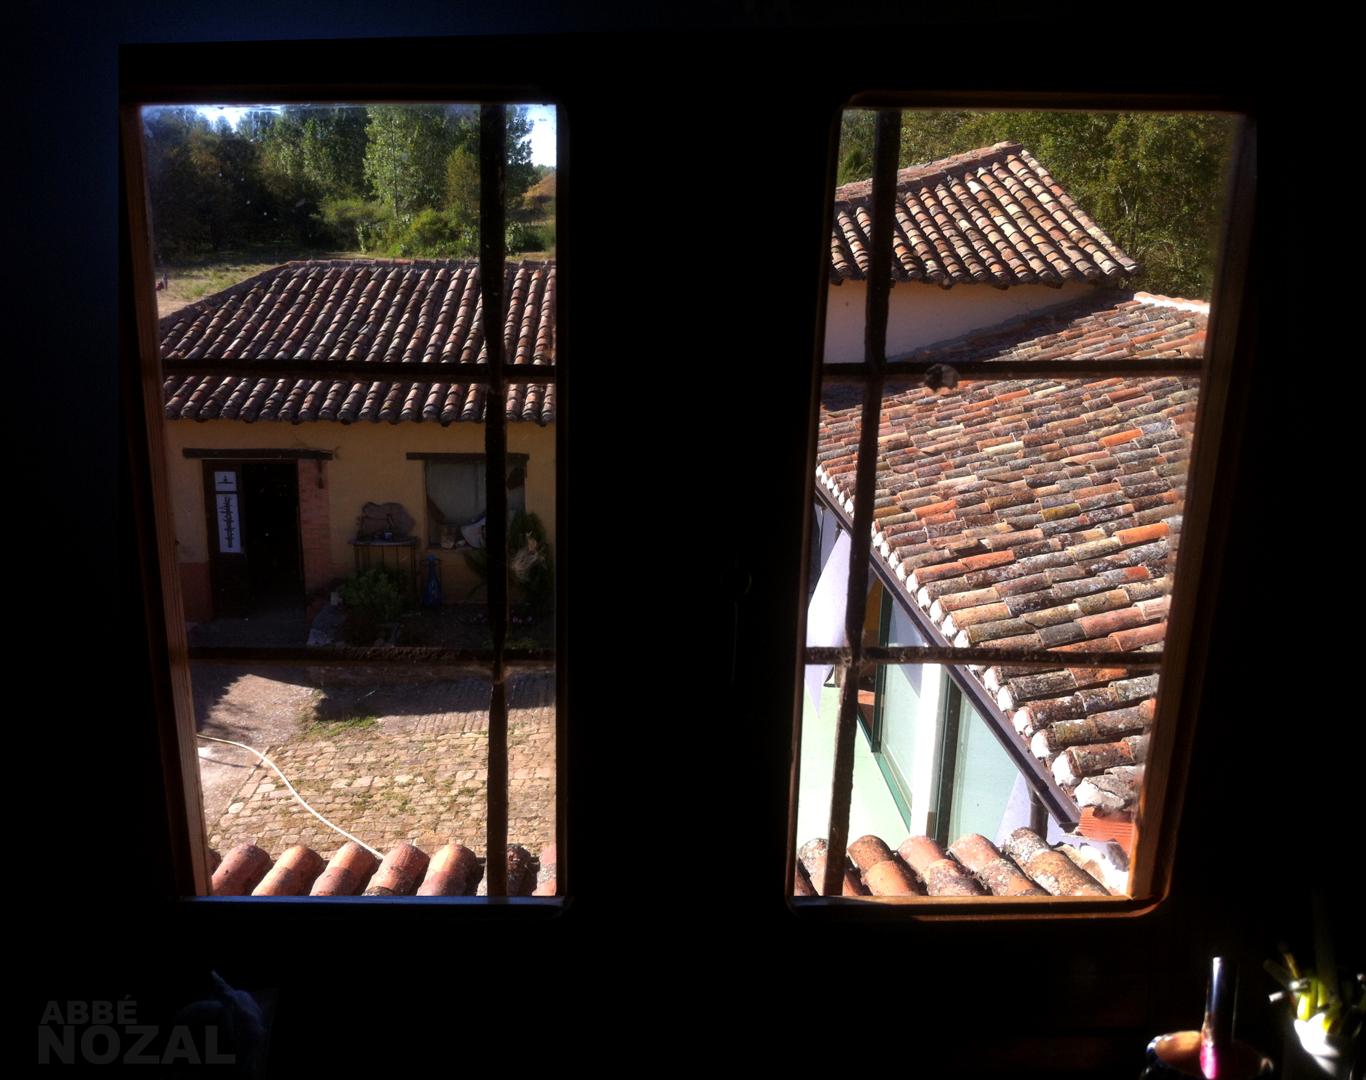 Desde la ventana, 2015 Abbé Nozal